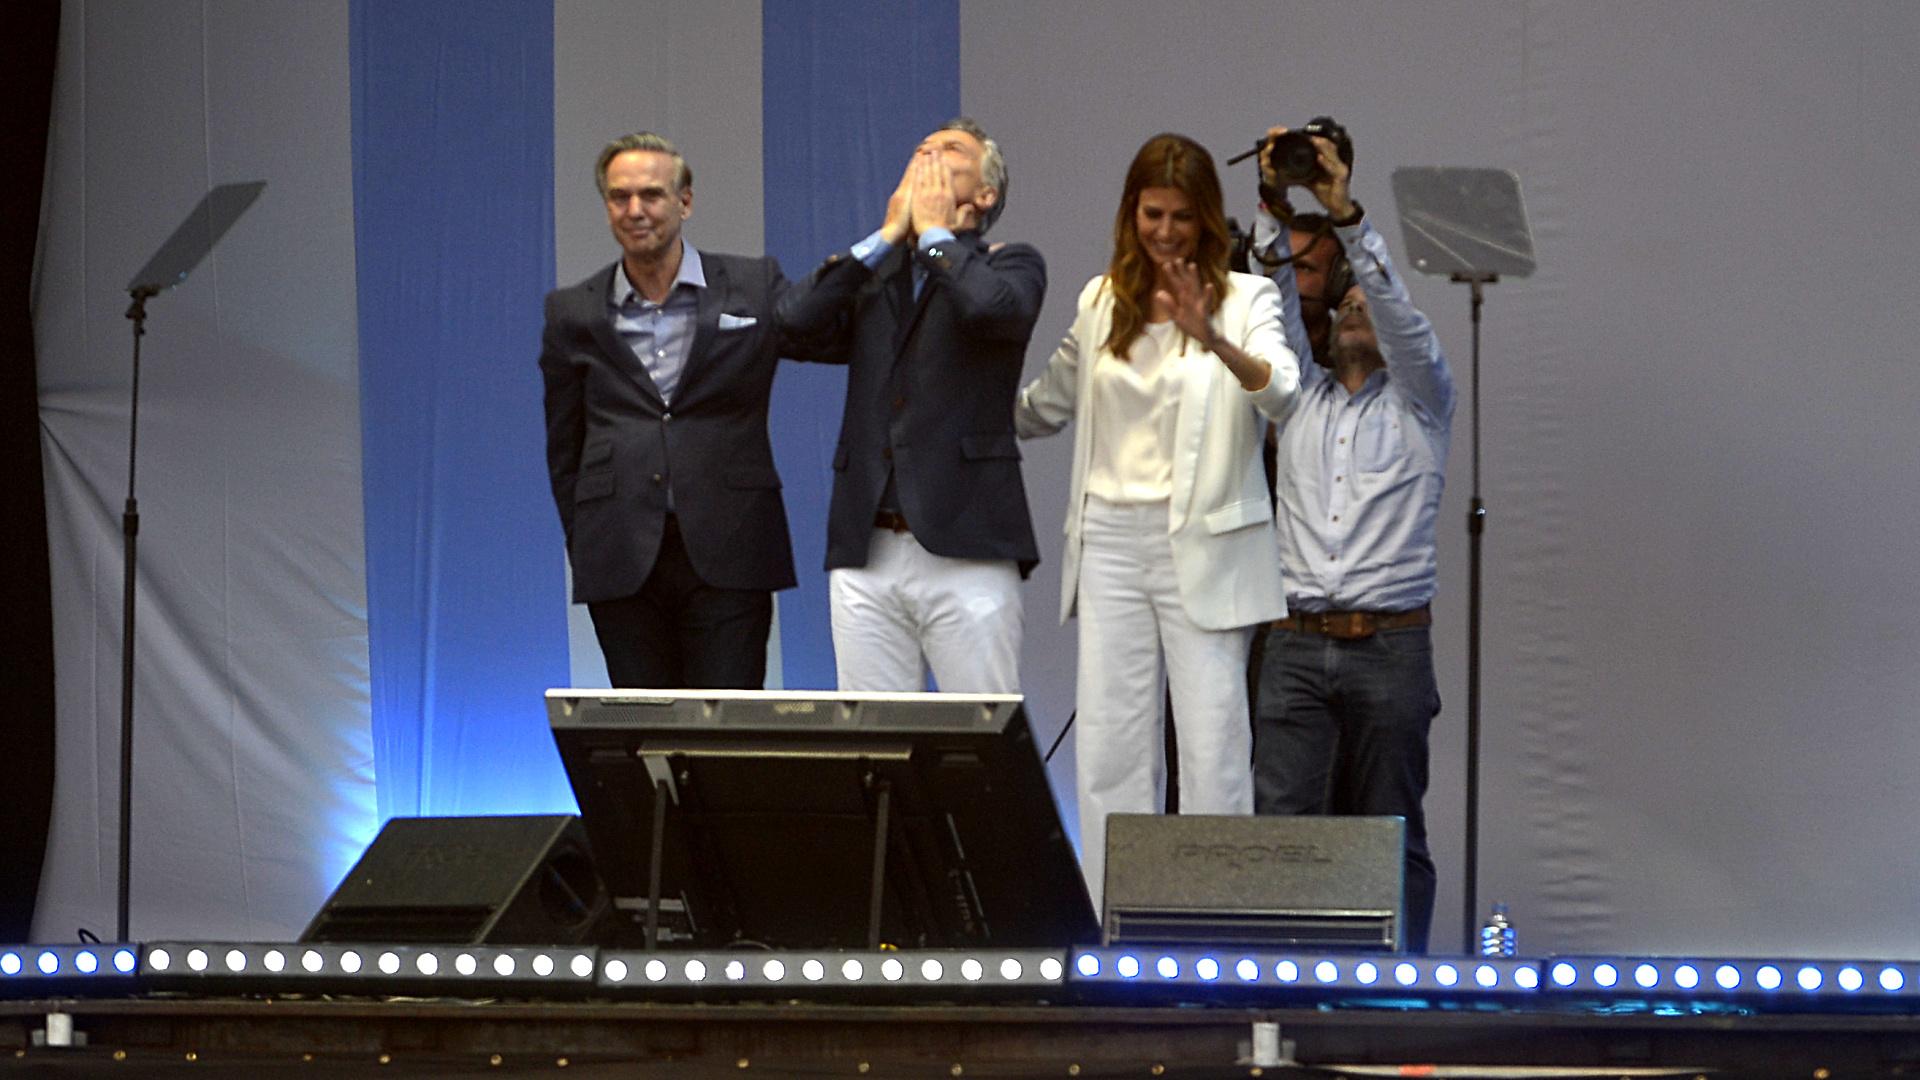 Macri en el placo, flanqueado pro su compañero de fórmula, Miguel Angel Pichetto, y por su esposa, Juliana Awada